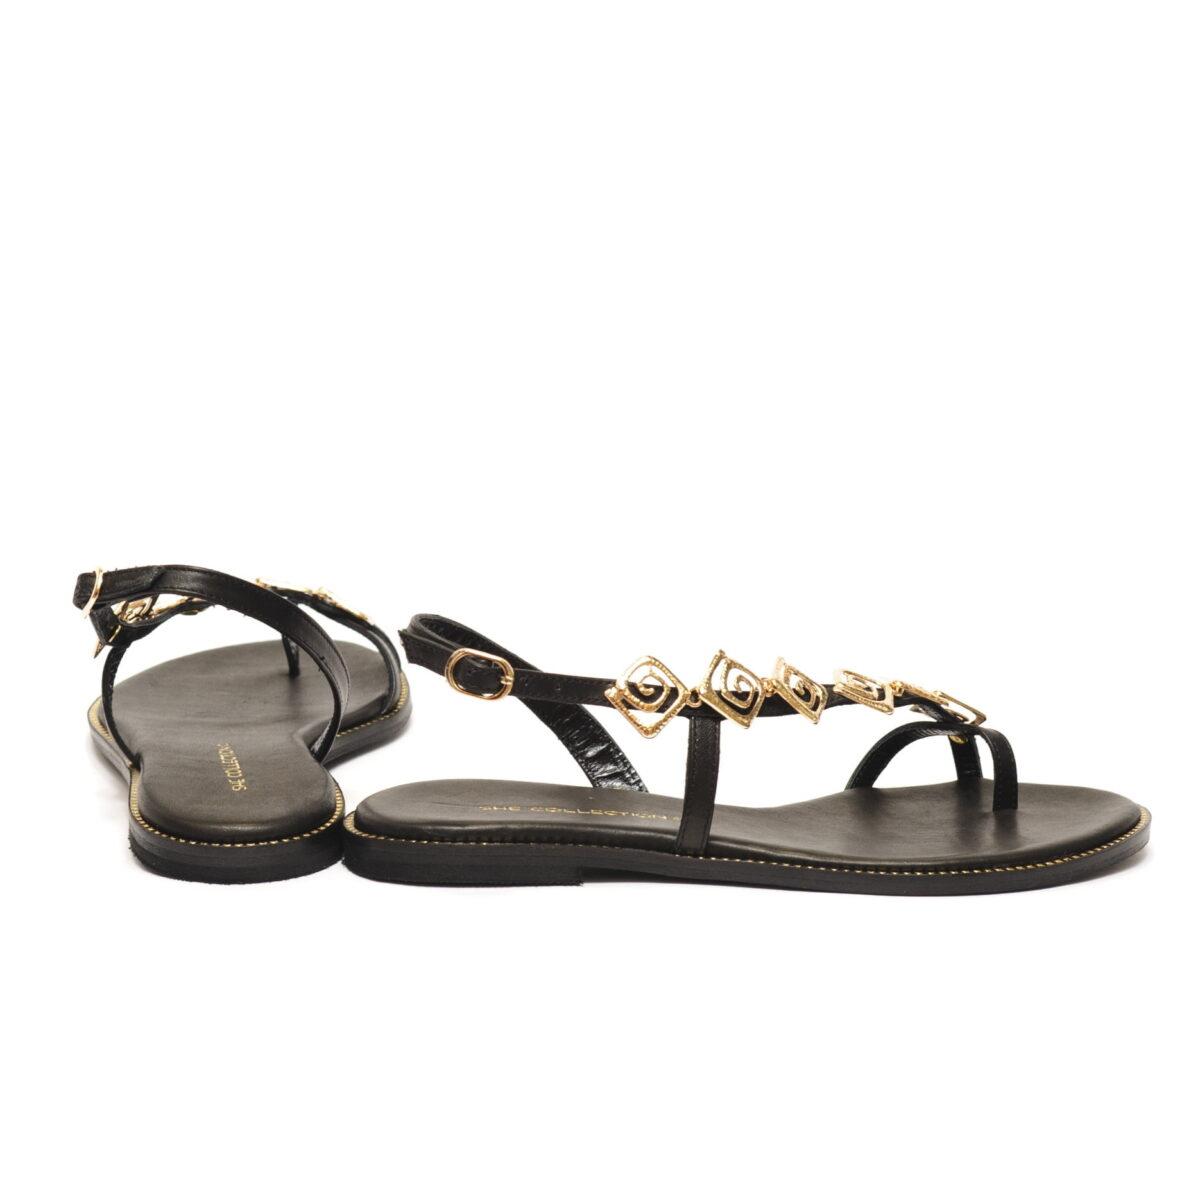 Γυναικεία Παπούτσια Γυναικείο Σανδάλι με Κόσμημα Δέσιμο